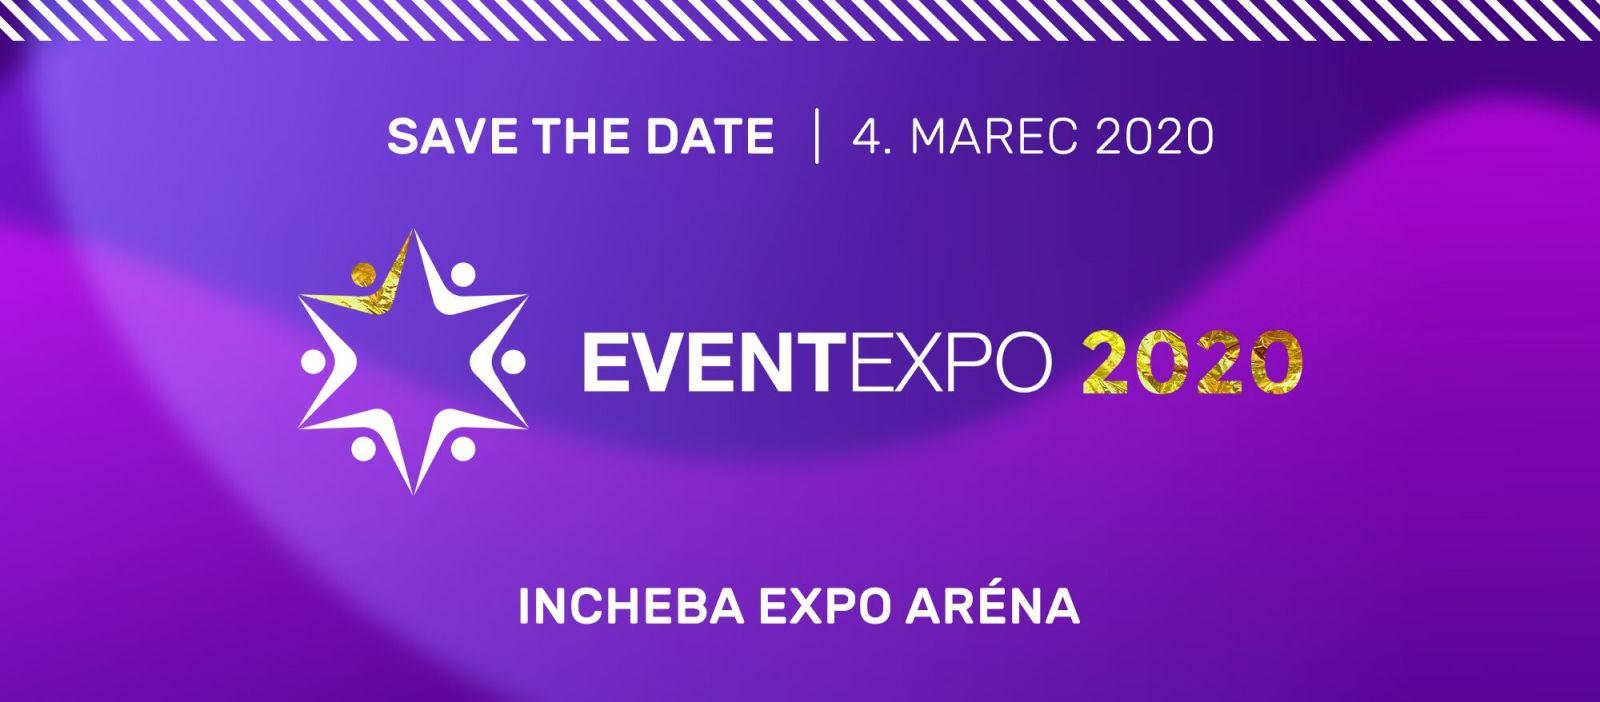 Jedinečný veletrh plný novinek a trendů. I takový bude pátý ročník eventového veletrhu EVENTEXPO 2020!